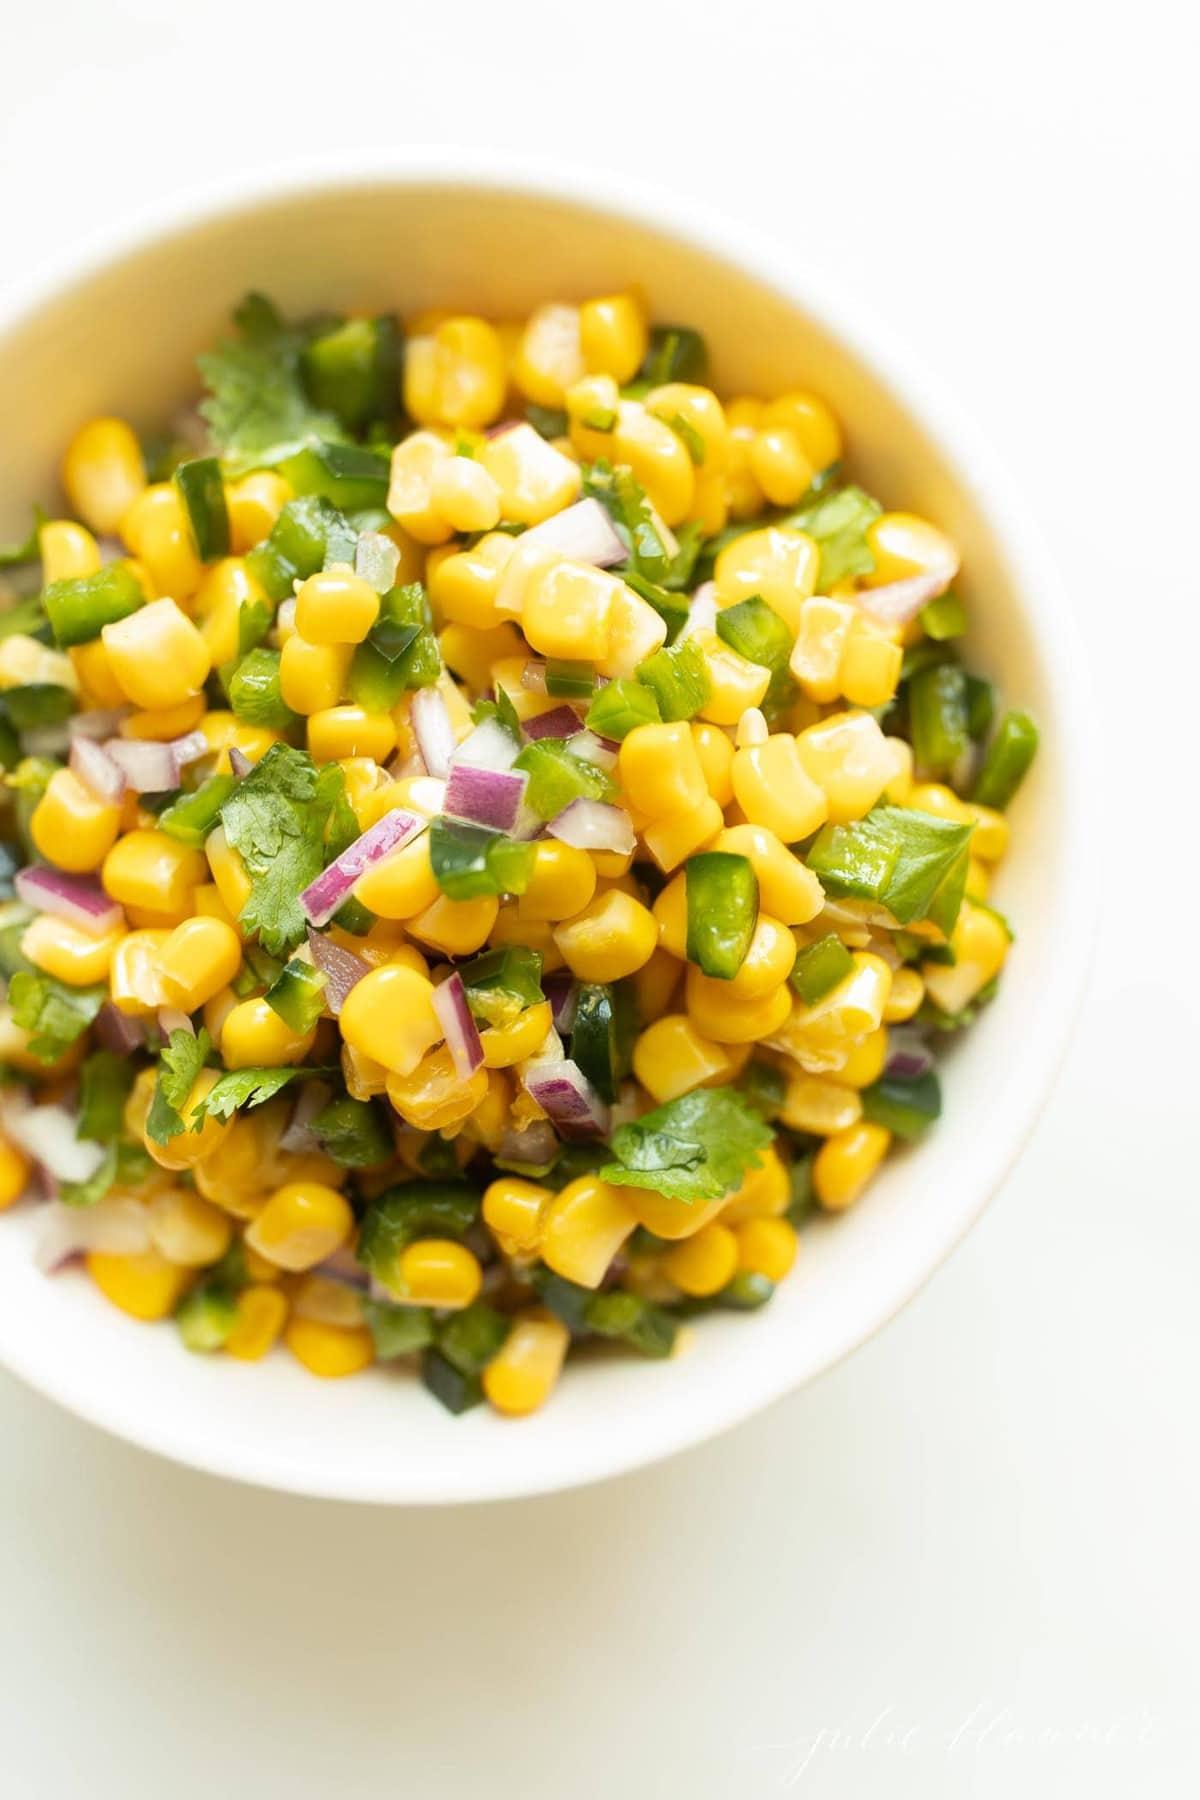 Chipotle corn salsa in a white bowl.